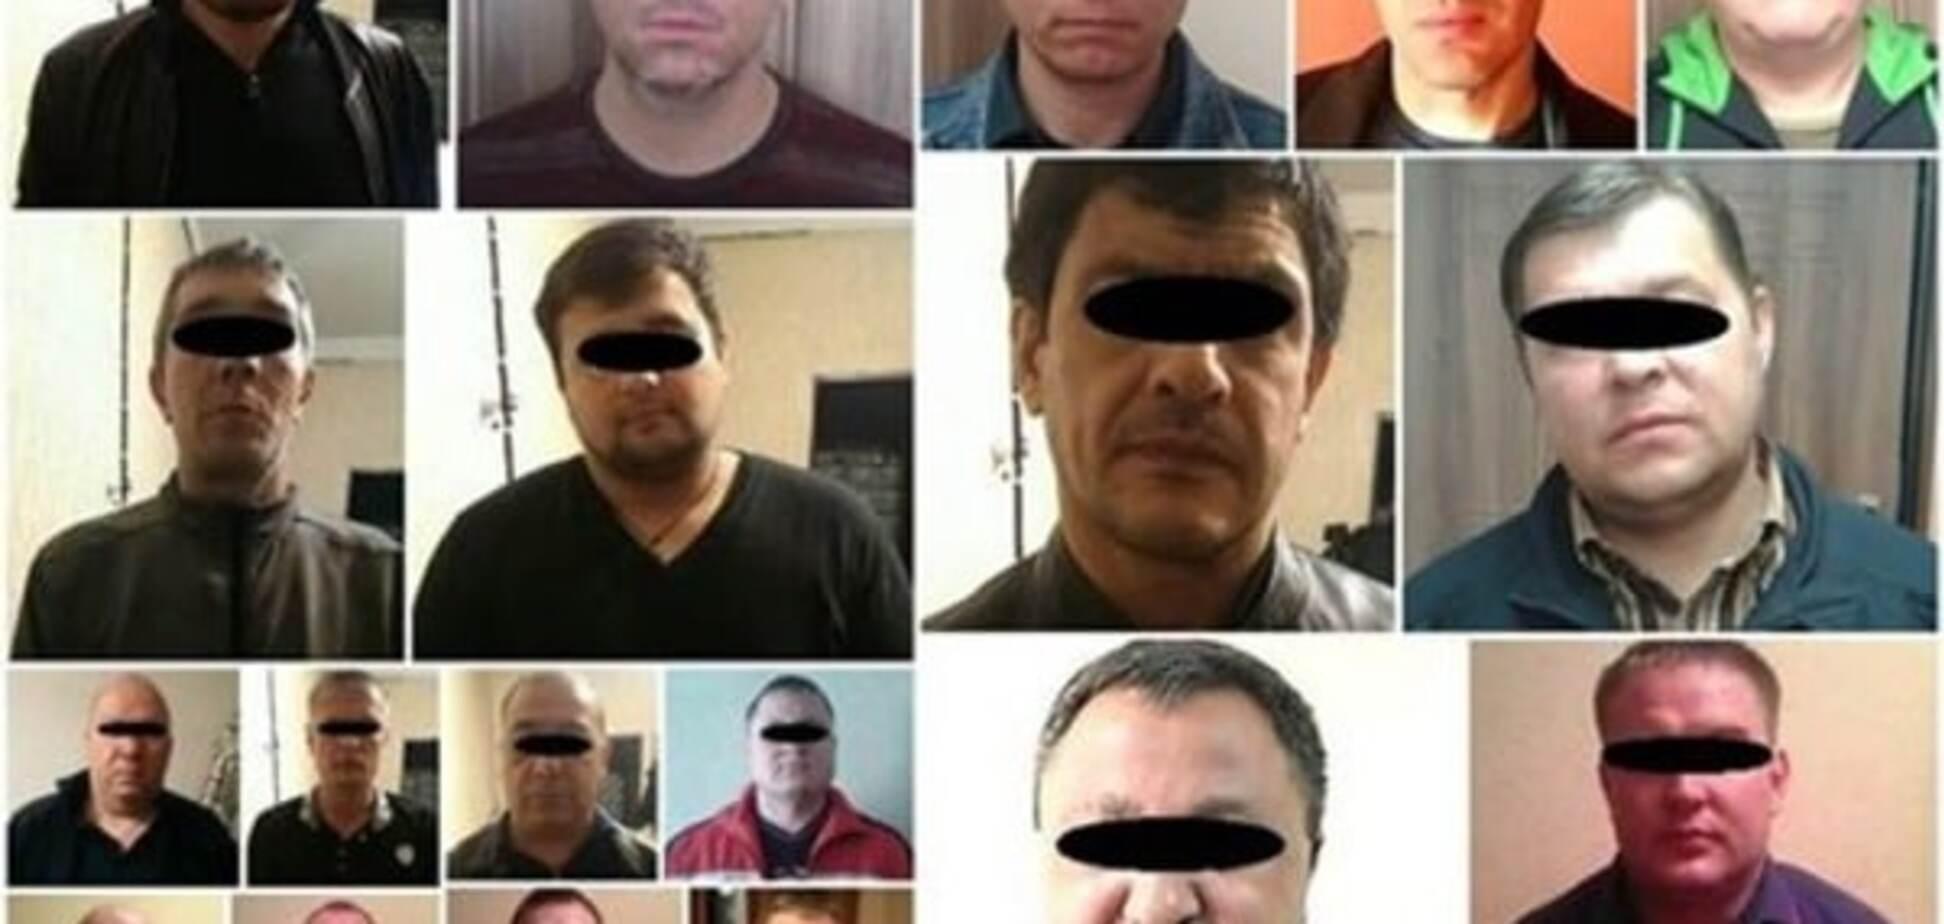 У Дніпропетровську на 'зустрічі' затримали 12 'злодіїв у законі'